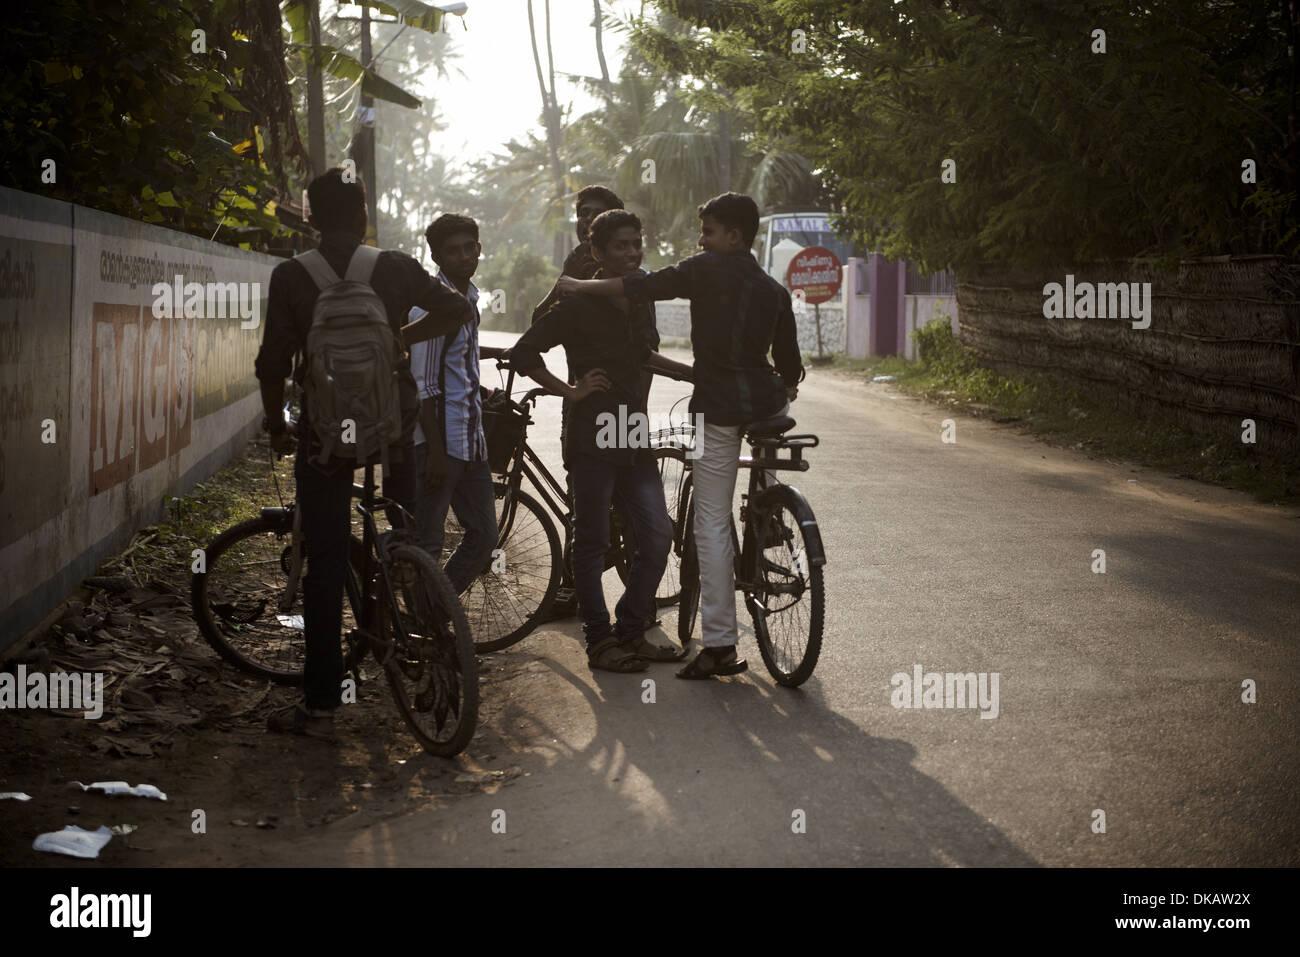 Gli adolescenti con bici, Quilon, India. Novembre 2013 Immagini Stock